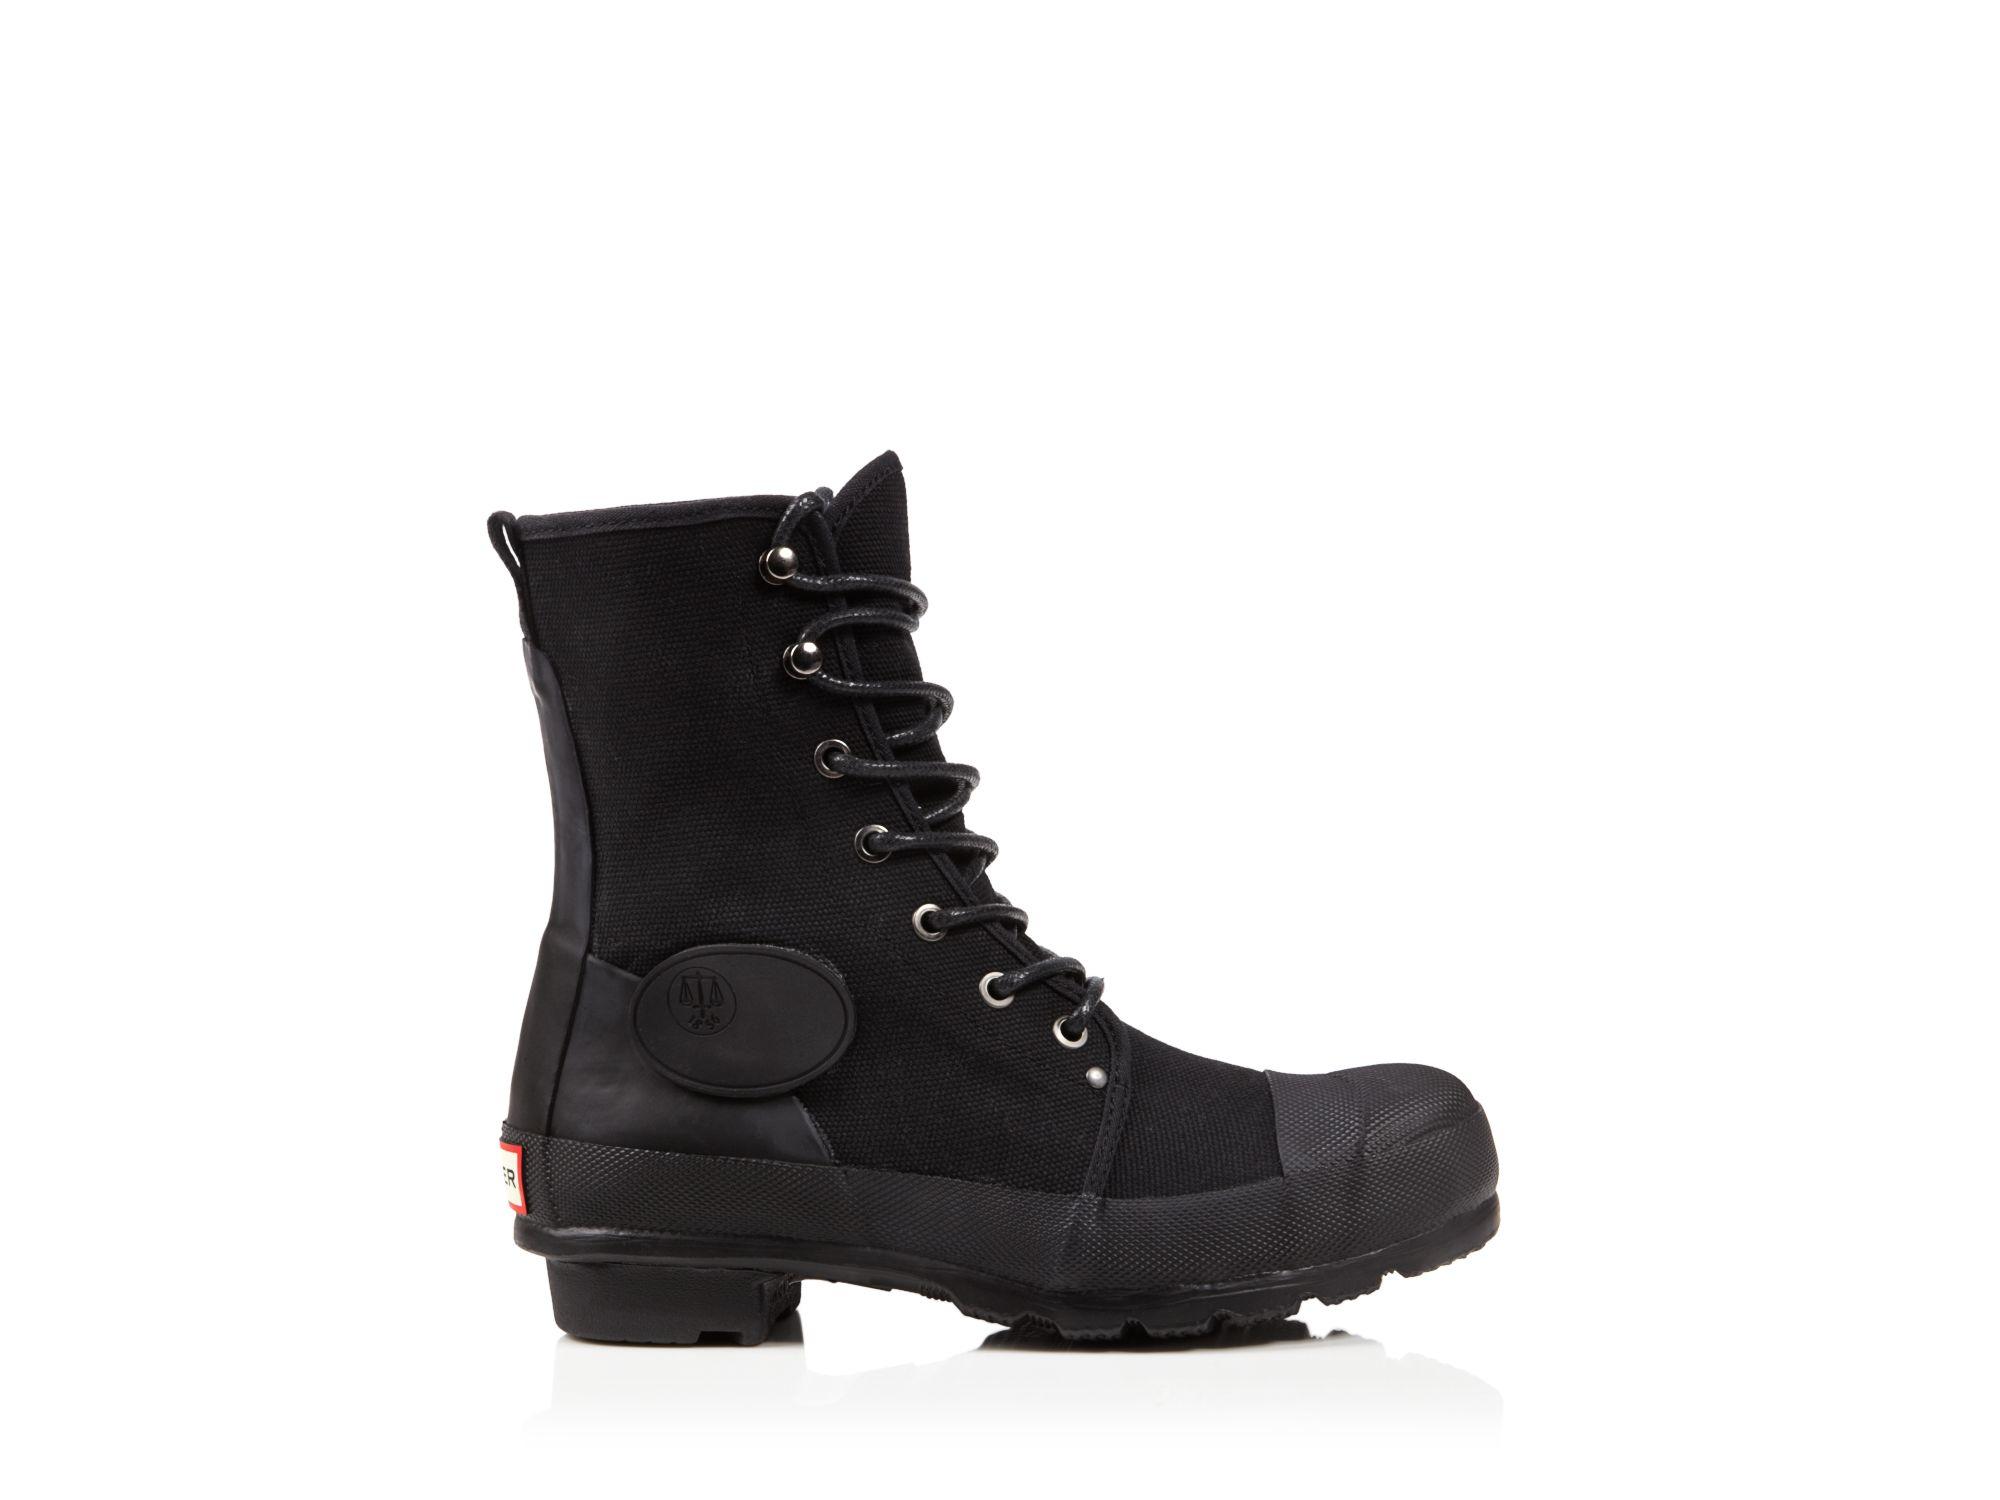 f7b7117560a HUNTER Black Flat Lace Up Combat Boots - Original Canvas Commando